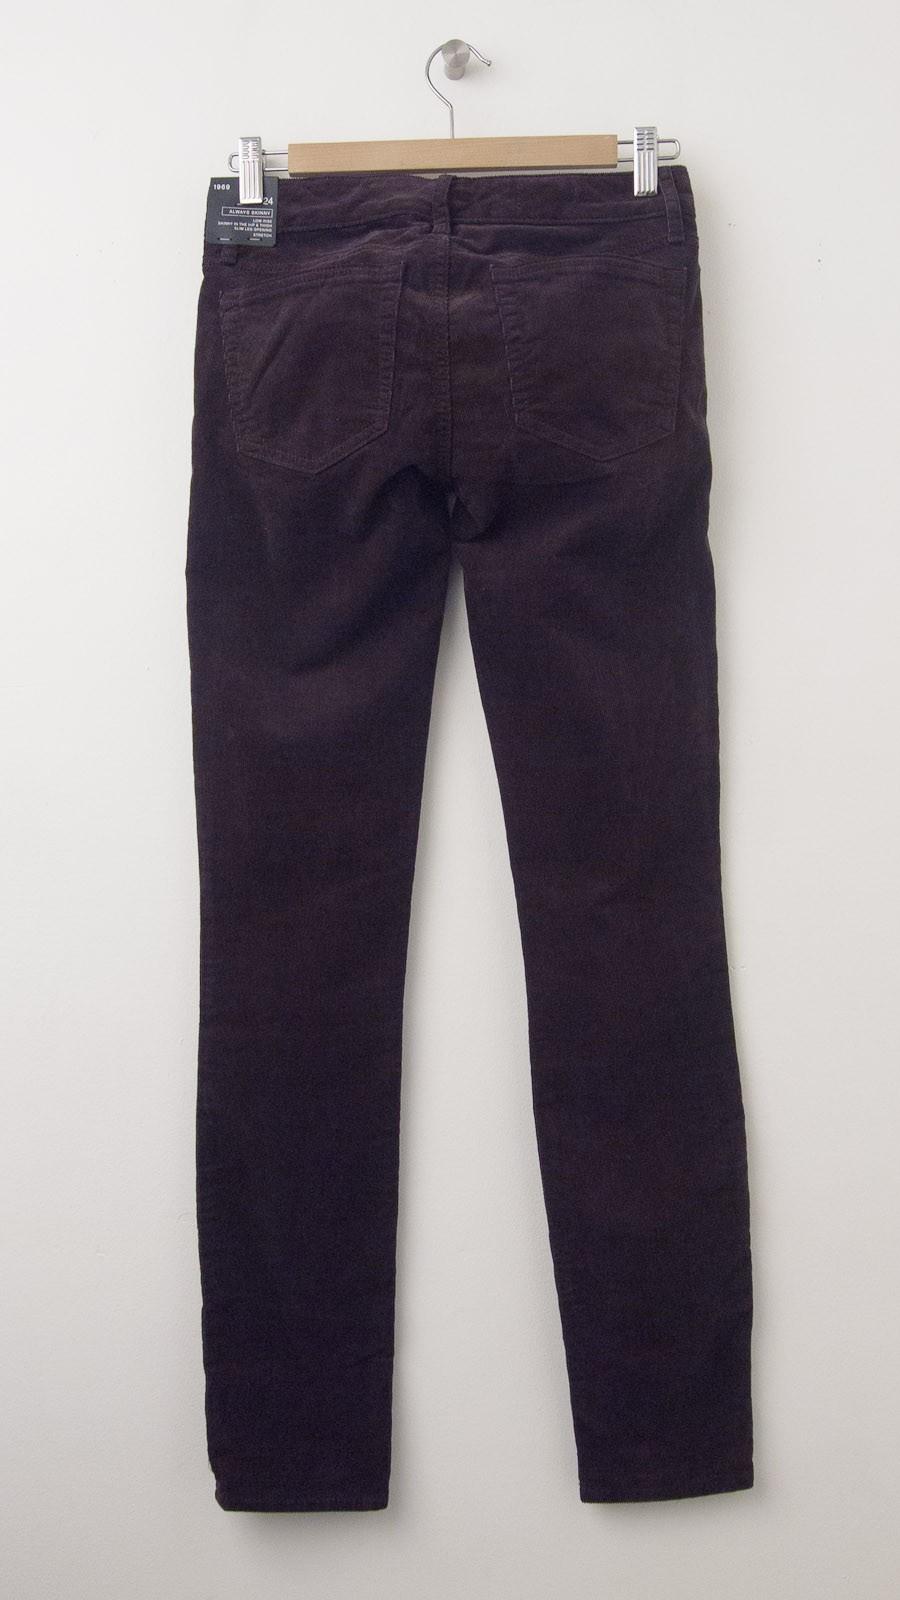 New Gap 1969 Always Skinny Cords Corduroy Pants In Port Wine